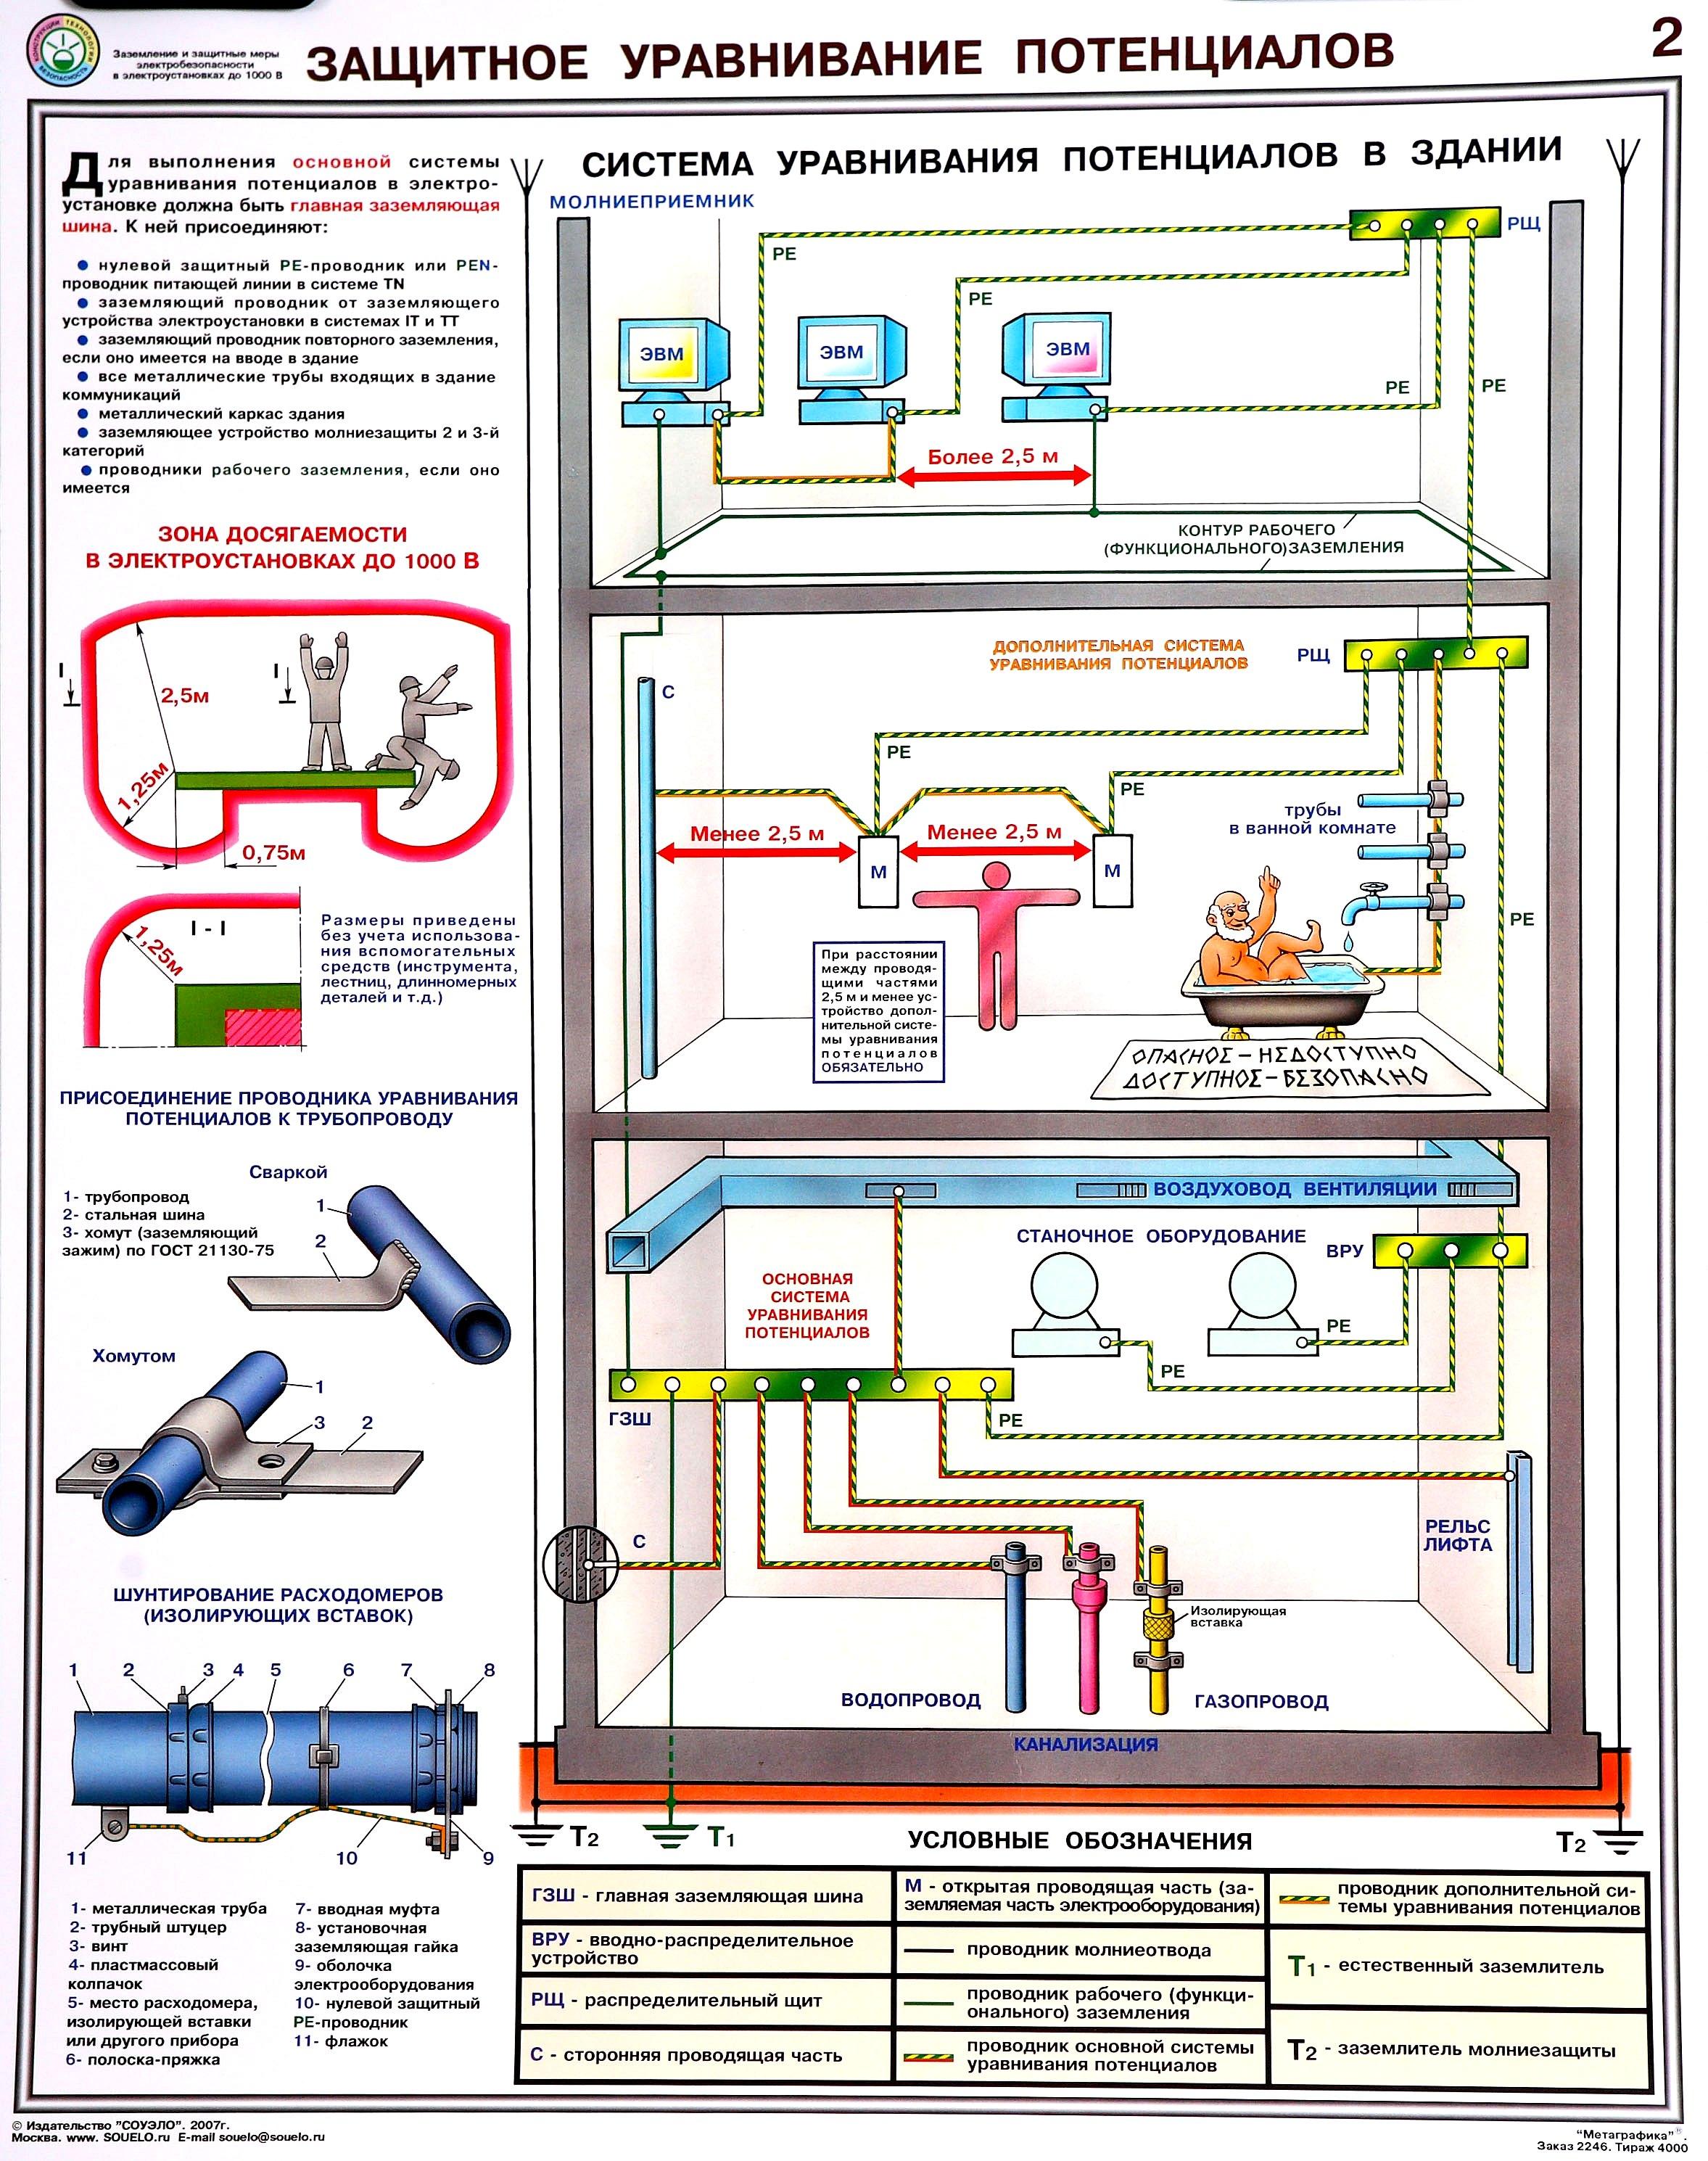 Разработка плакат по электробезопасности вопросы по электробезопасности для сварщиков